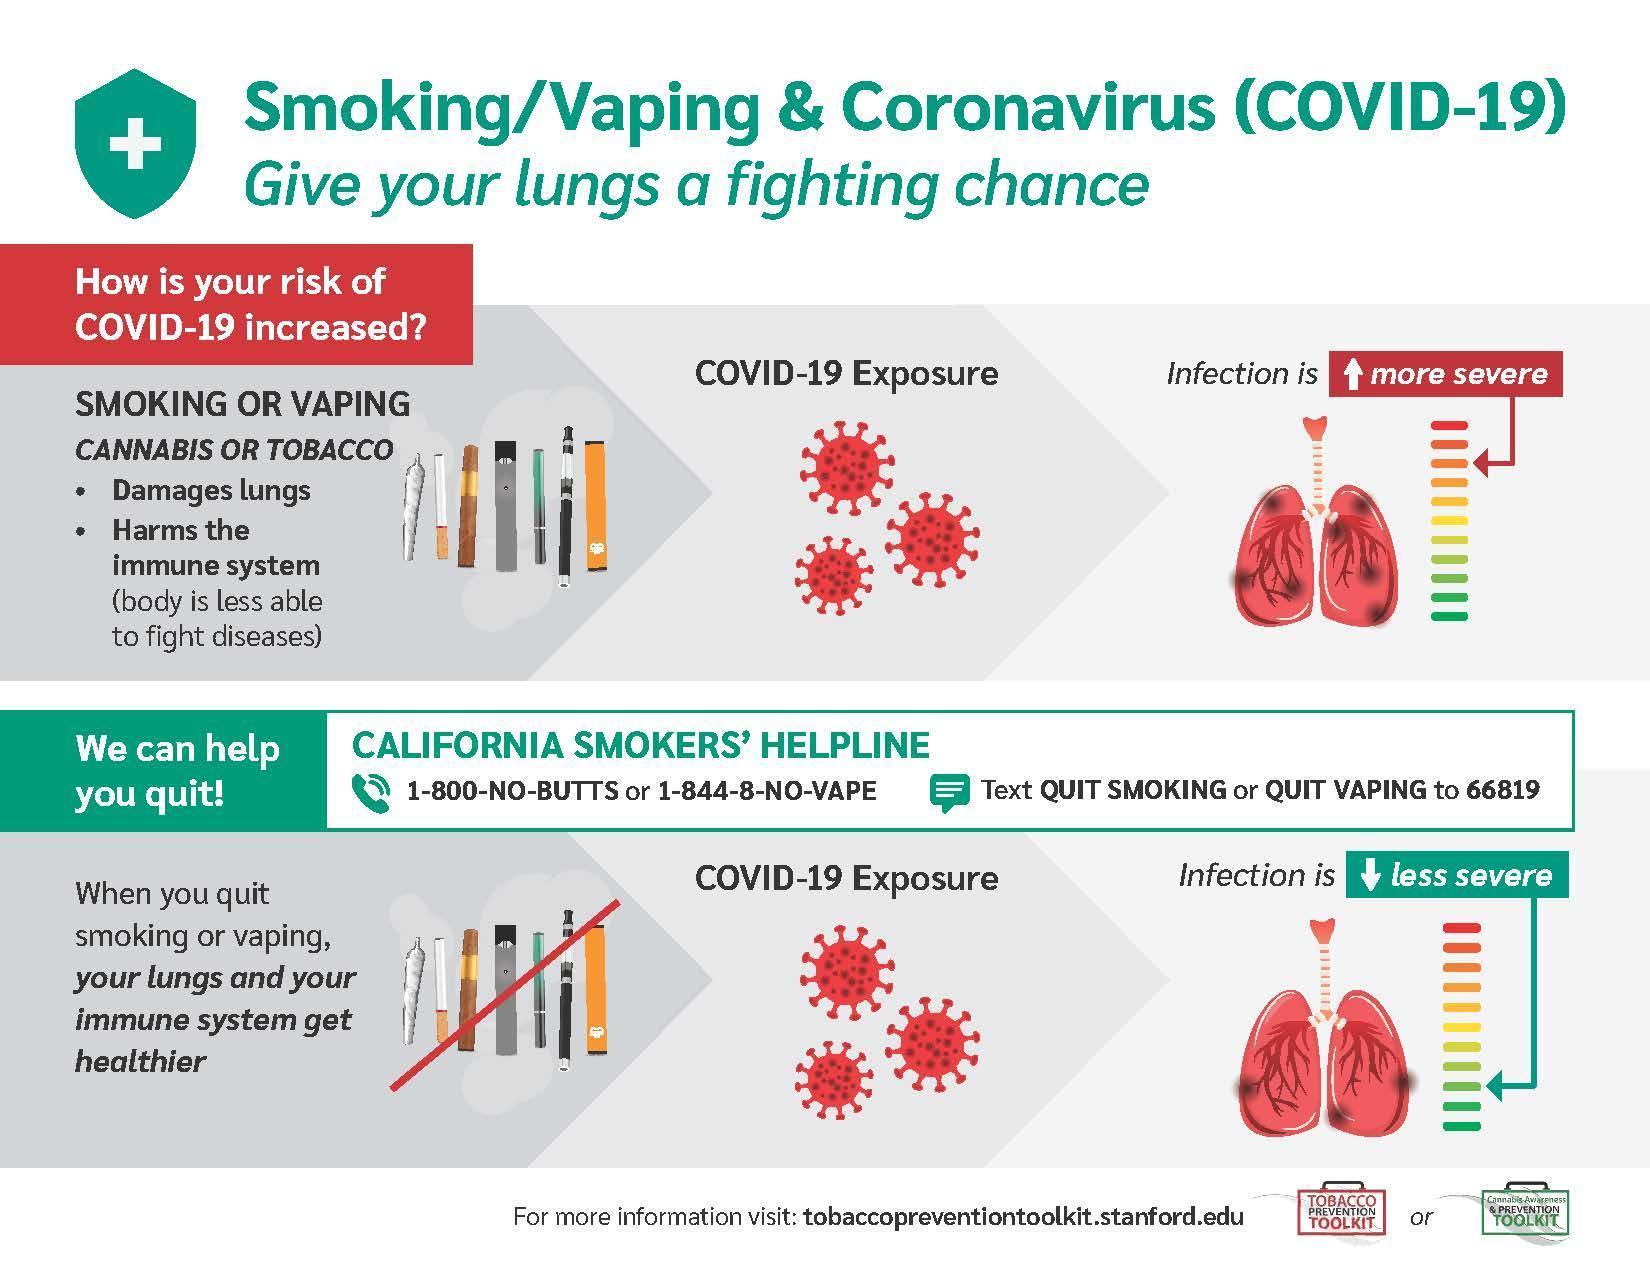 smoking/vaping & coronavirus